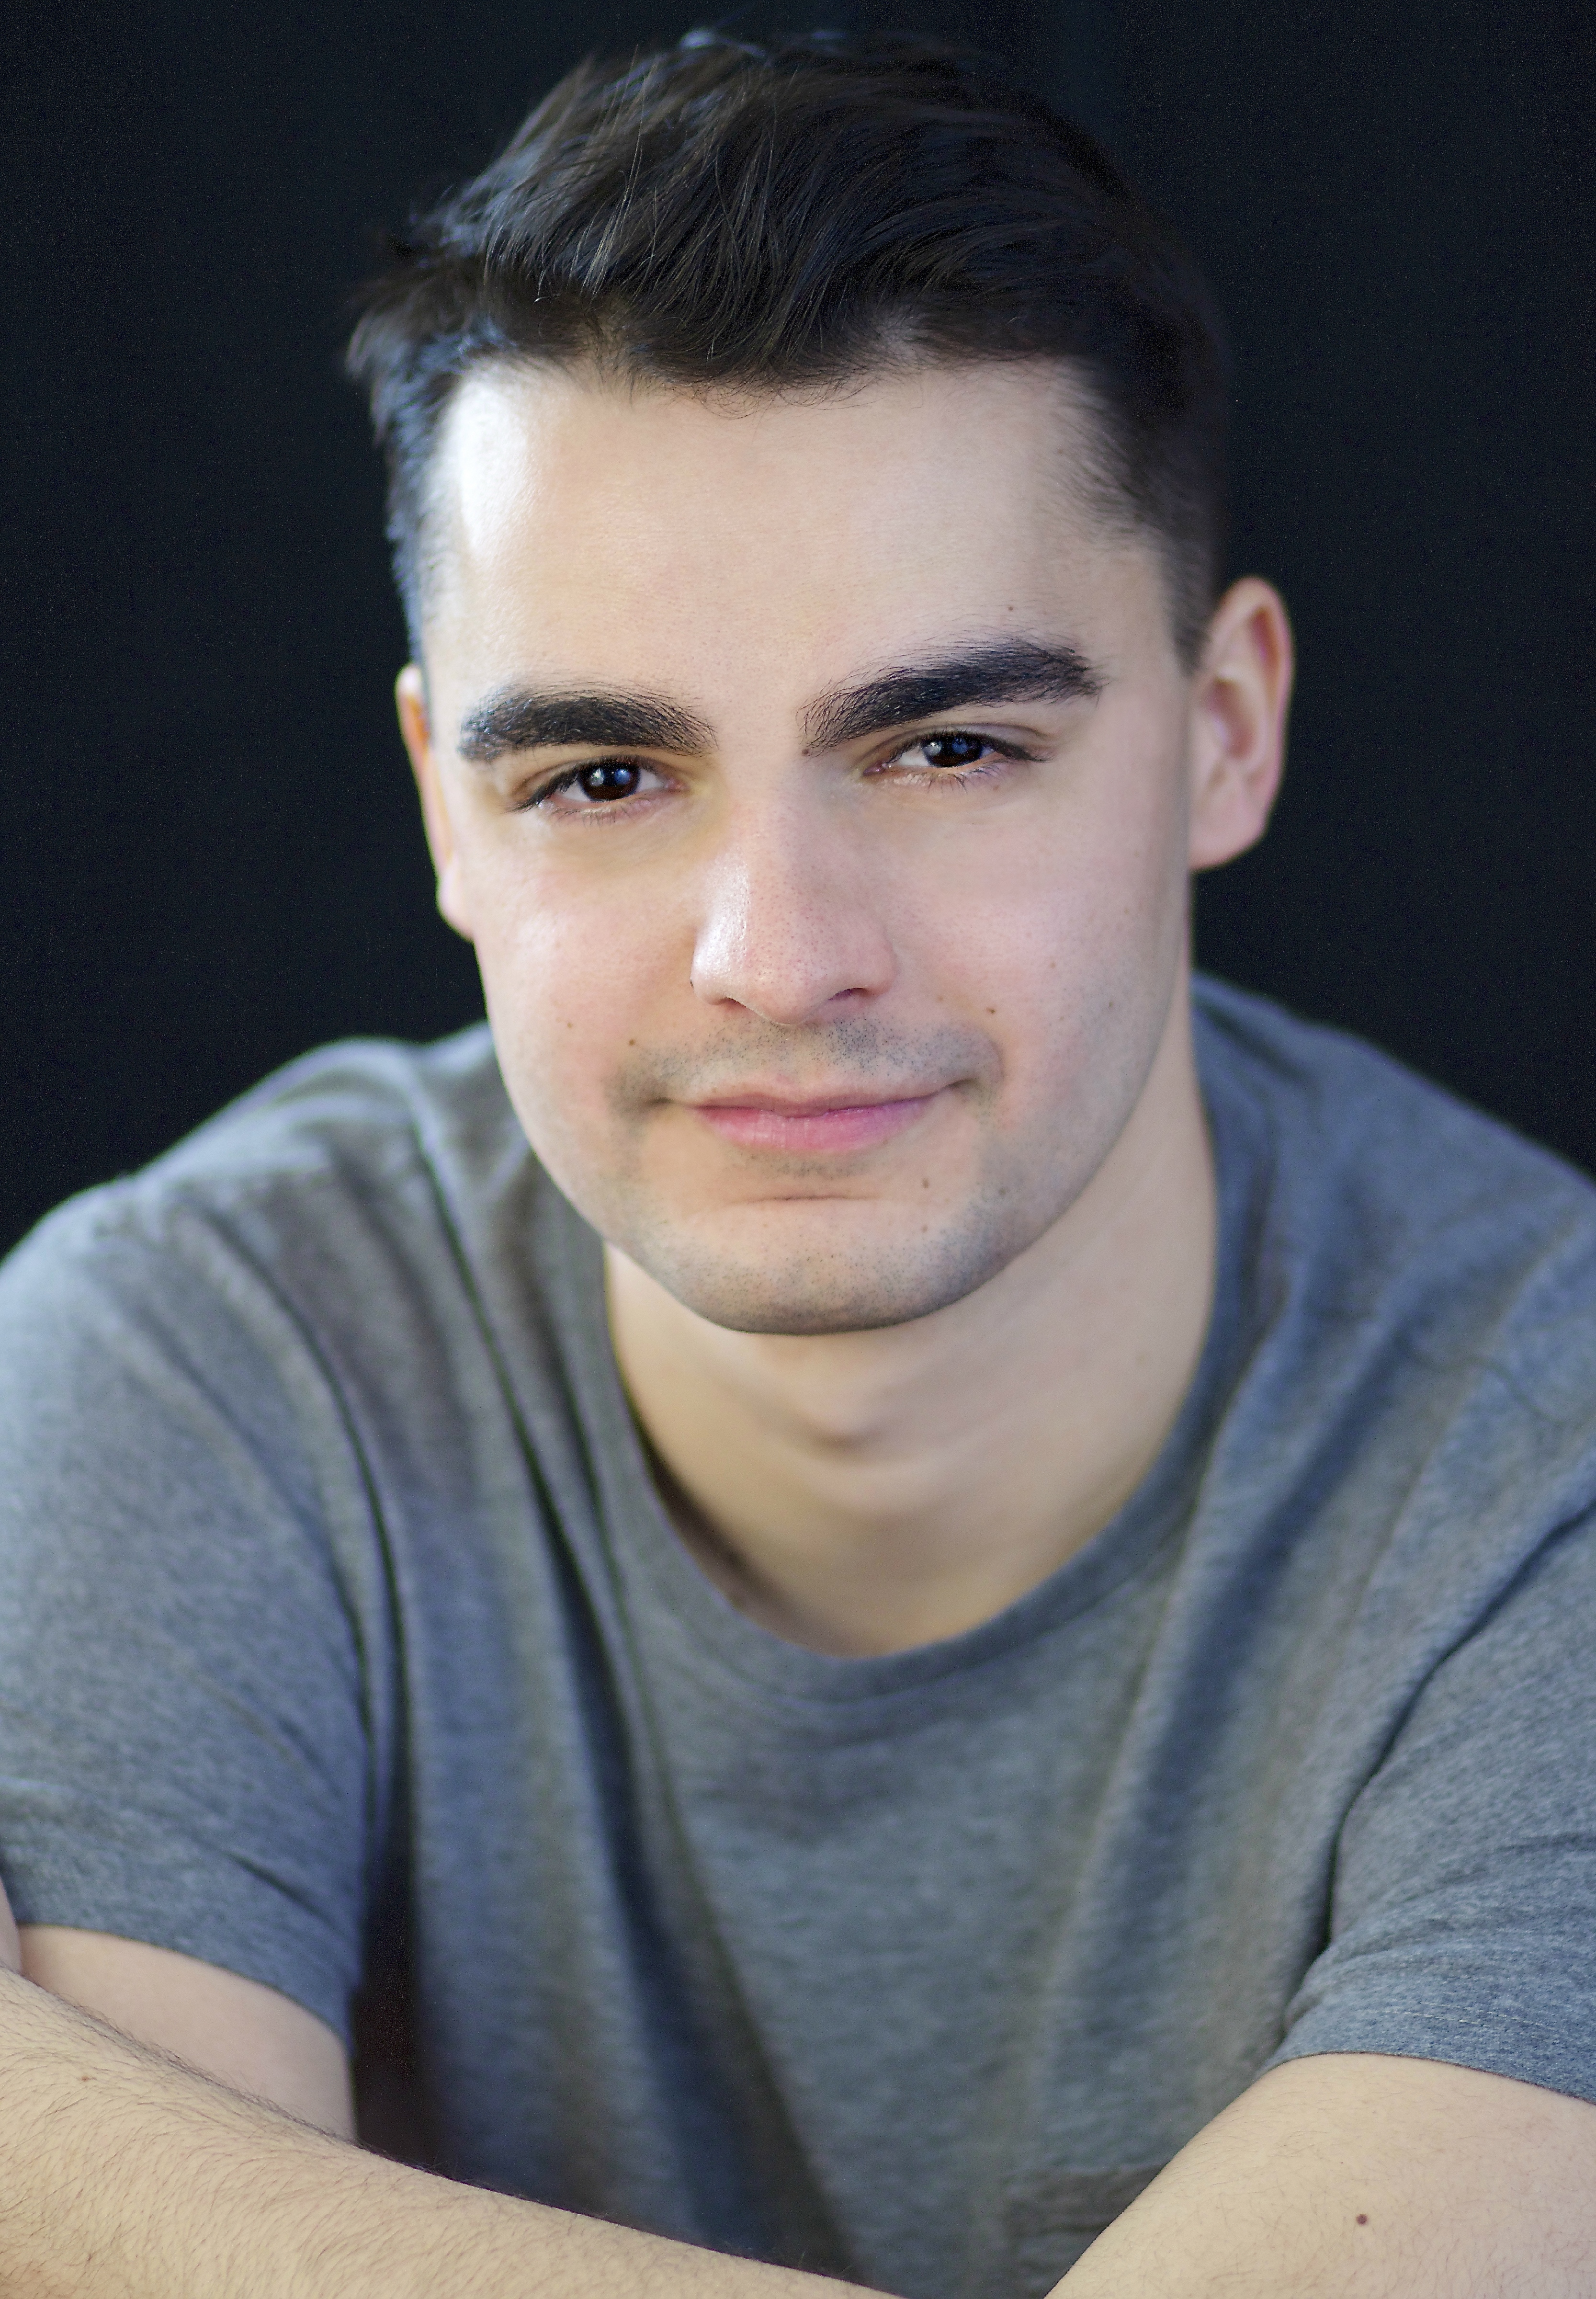 Max Mehran: Associate Producer